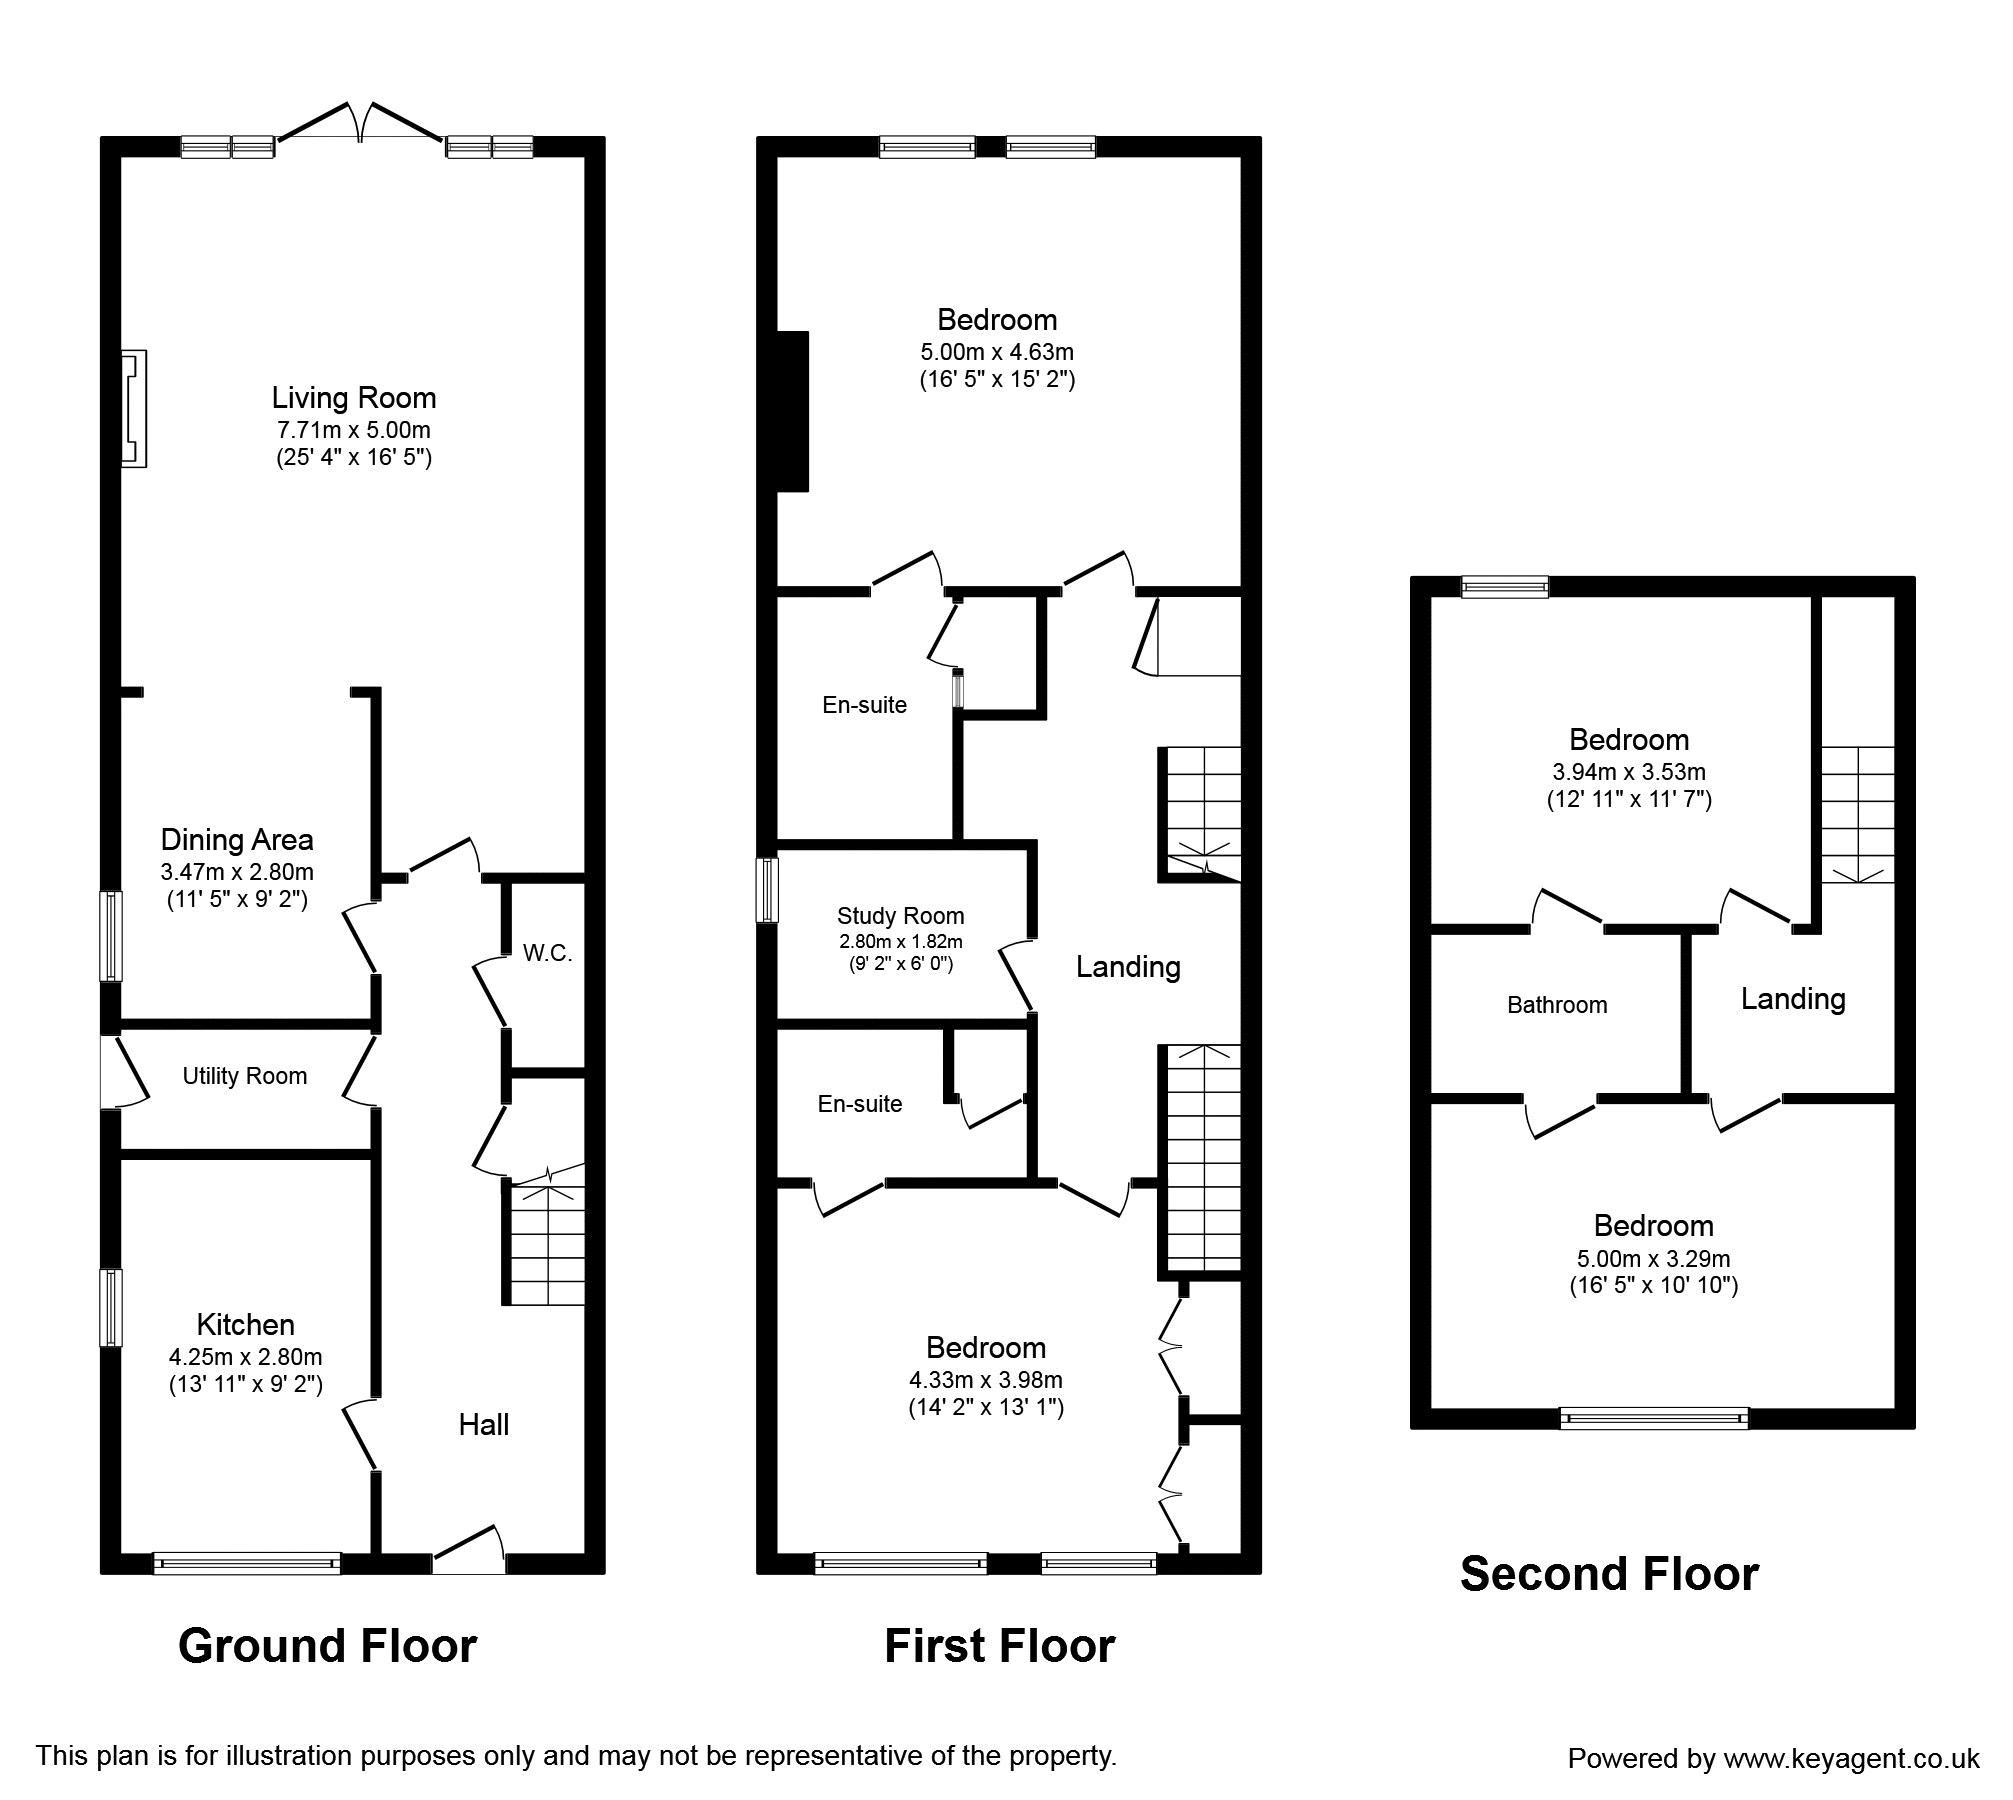 Peterhouse Mews, Moseley. Floorplan. Peterhouse Mews Floorplan.